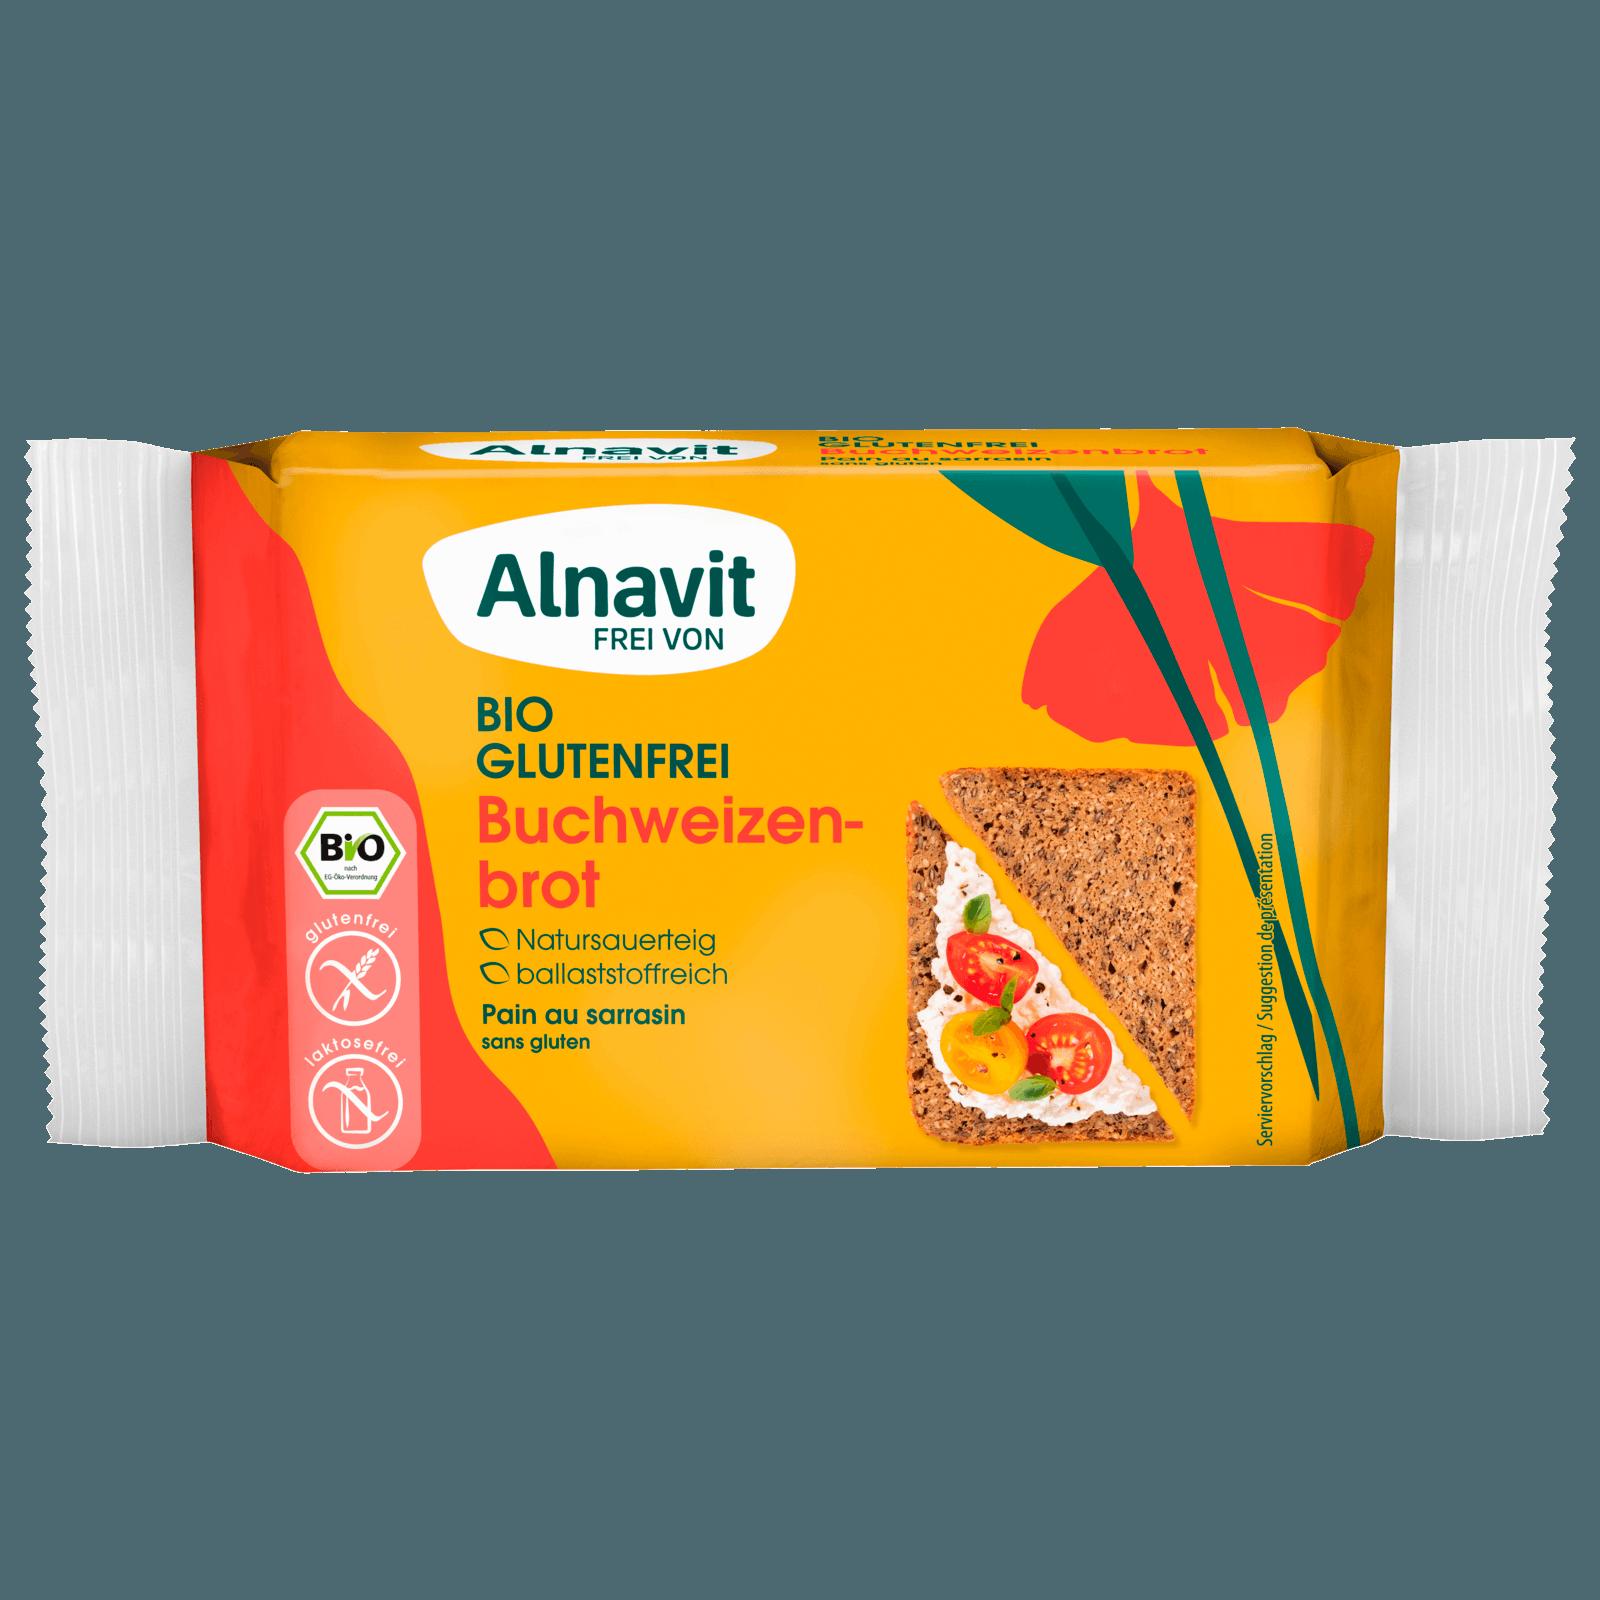 Alnavit Bio Buchweizenbrot glutenfrei 250g